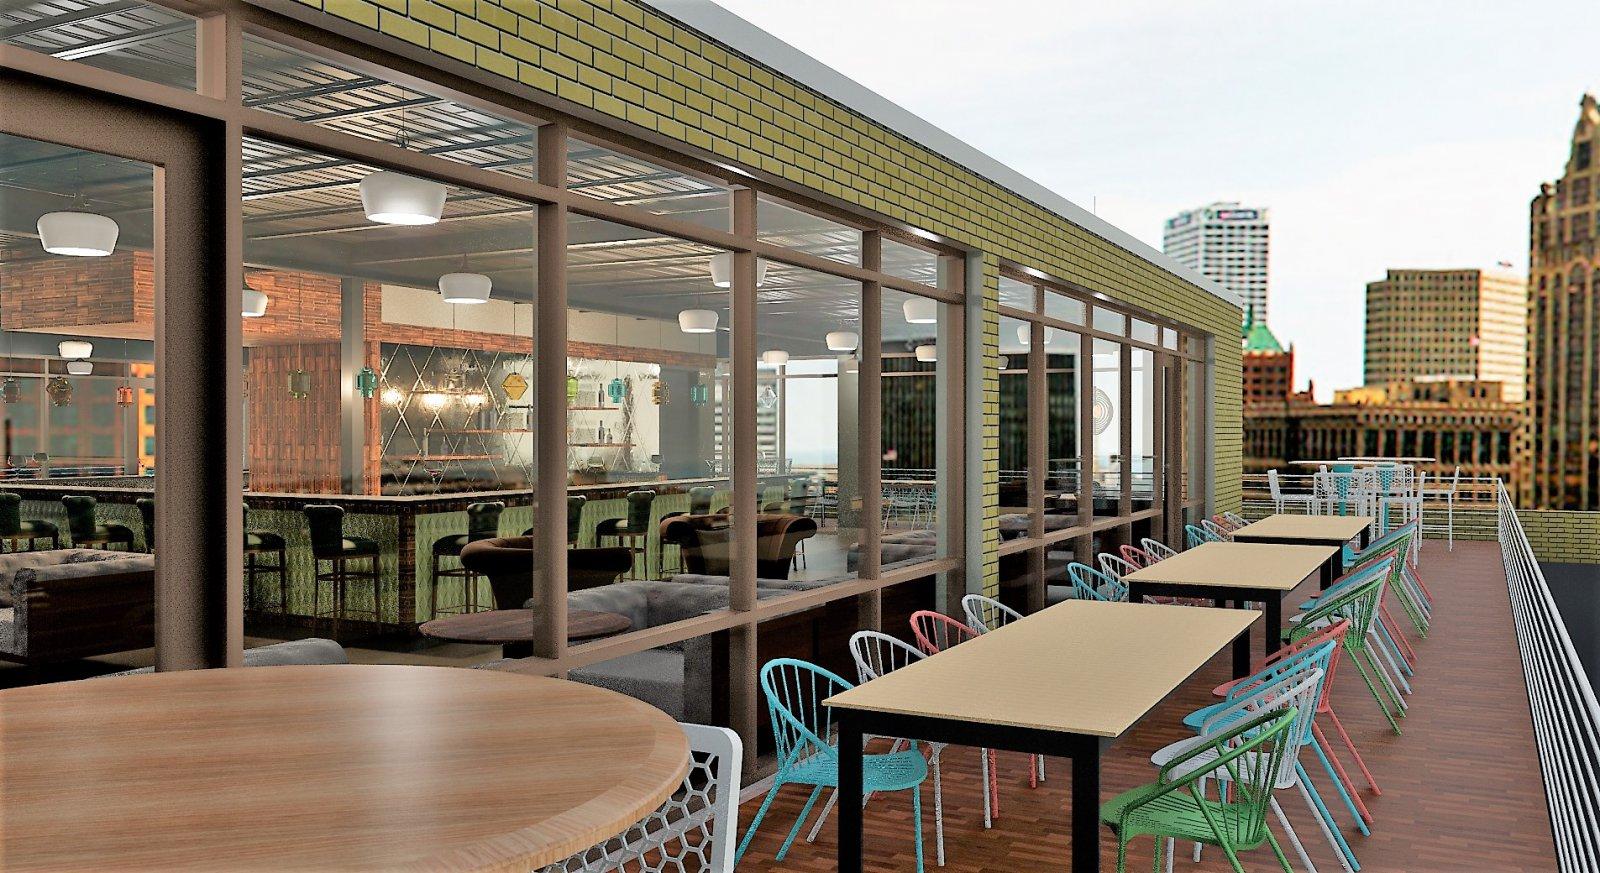 No studios rooftop outdoor patio